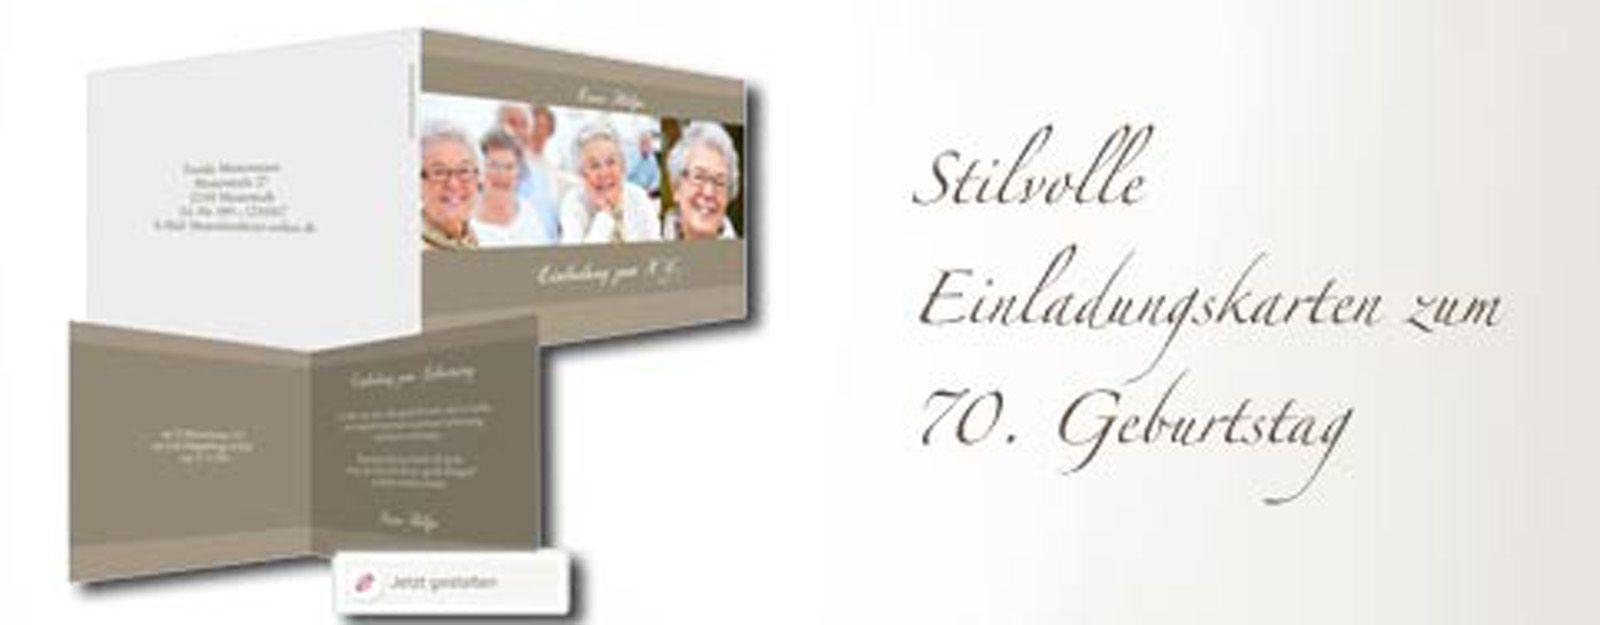 Einladungen Zum 70 Geburtstag Selbst Gestalten: Einladung Zum 70. Geburtstag Selbst Gestalten